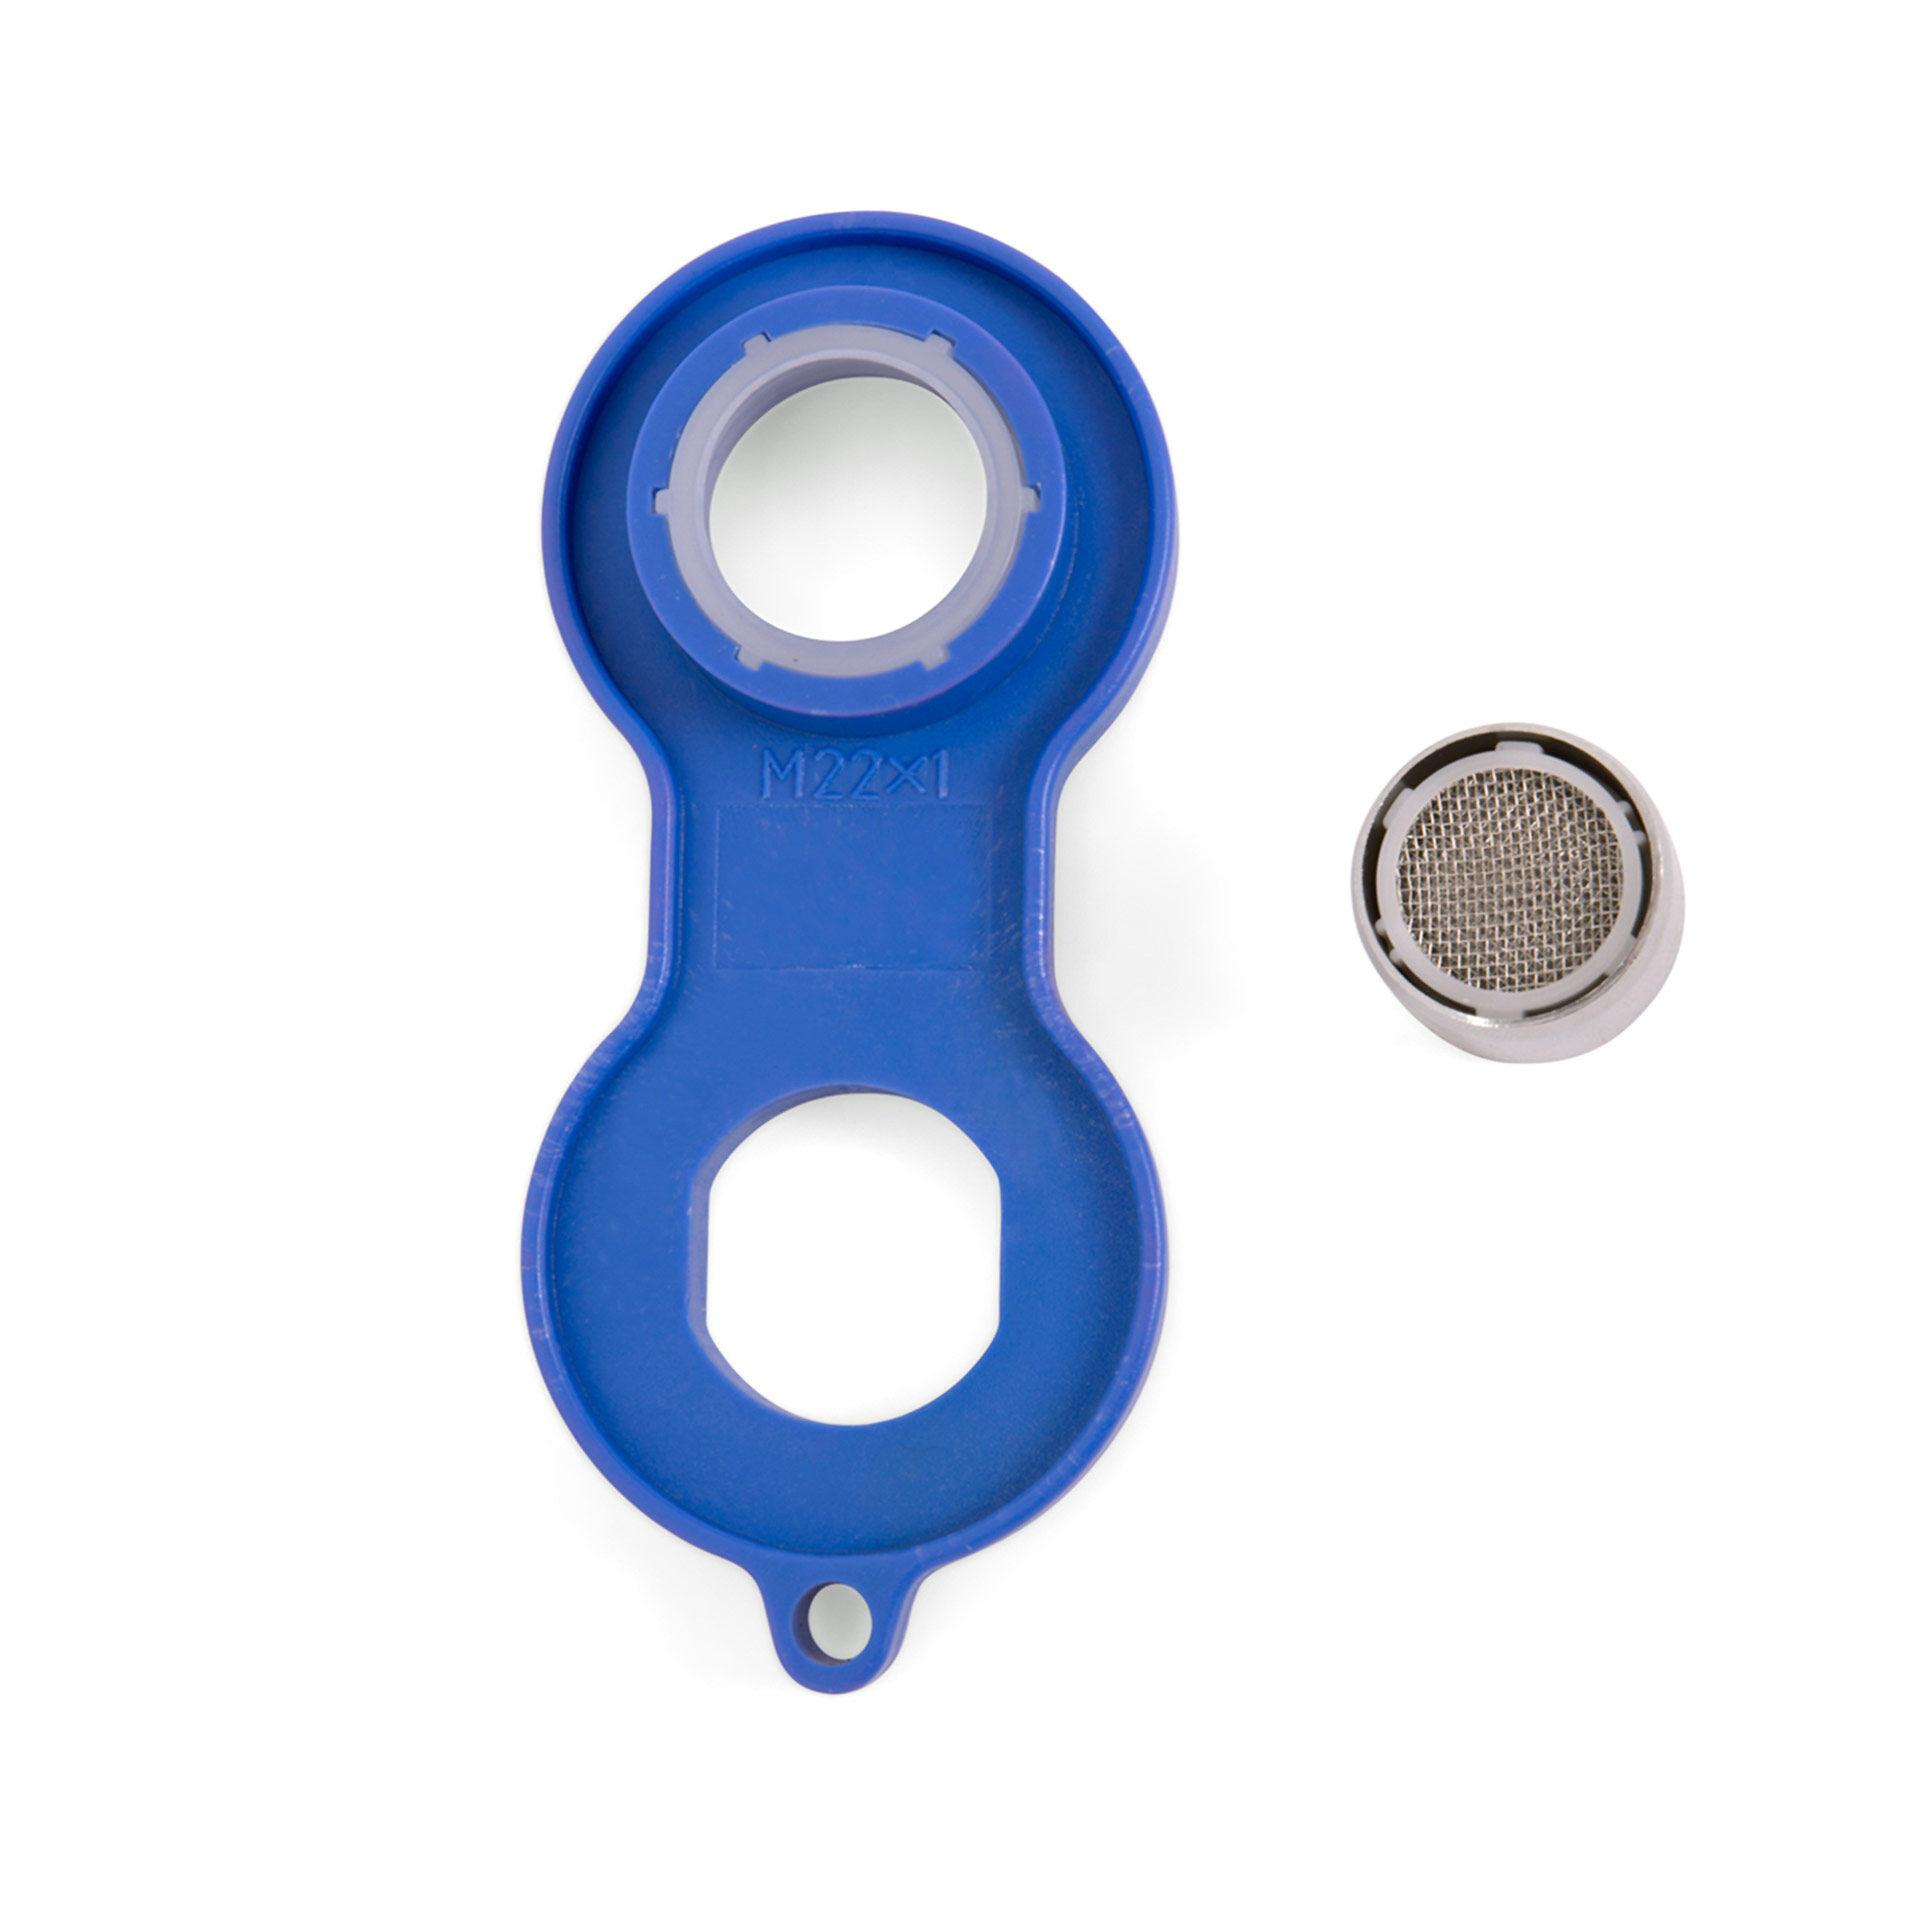 Kit brise-jet pour robinet - mâle et femelle, , large